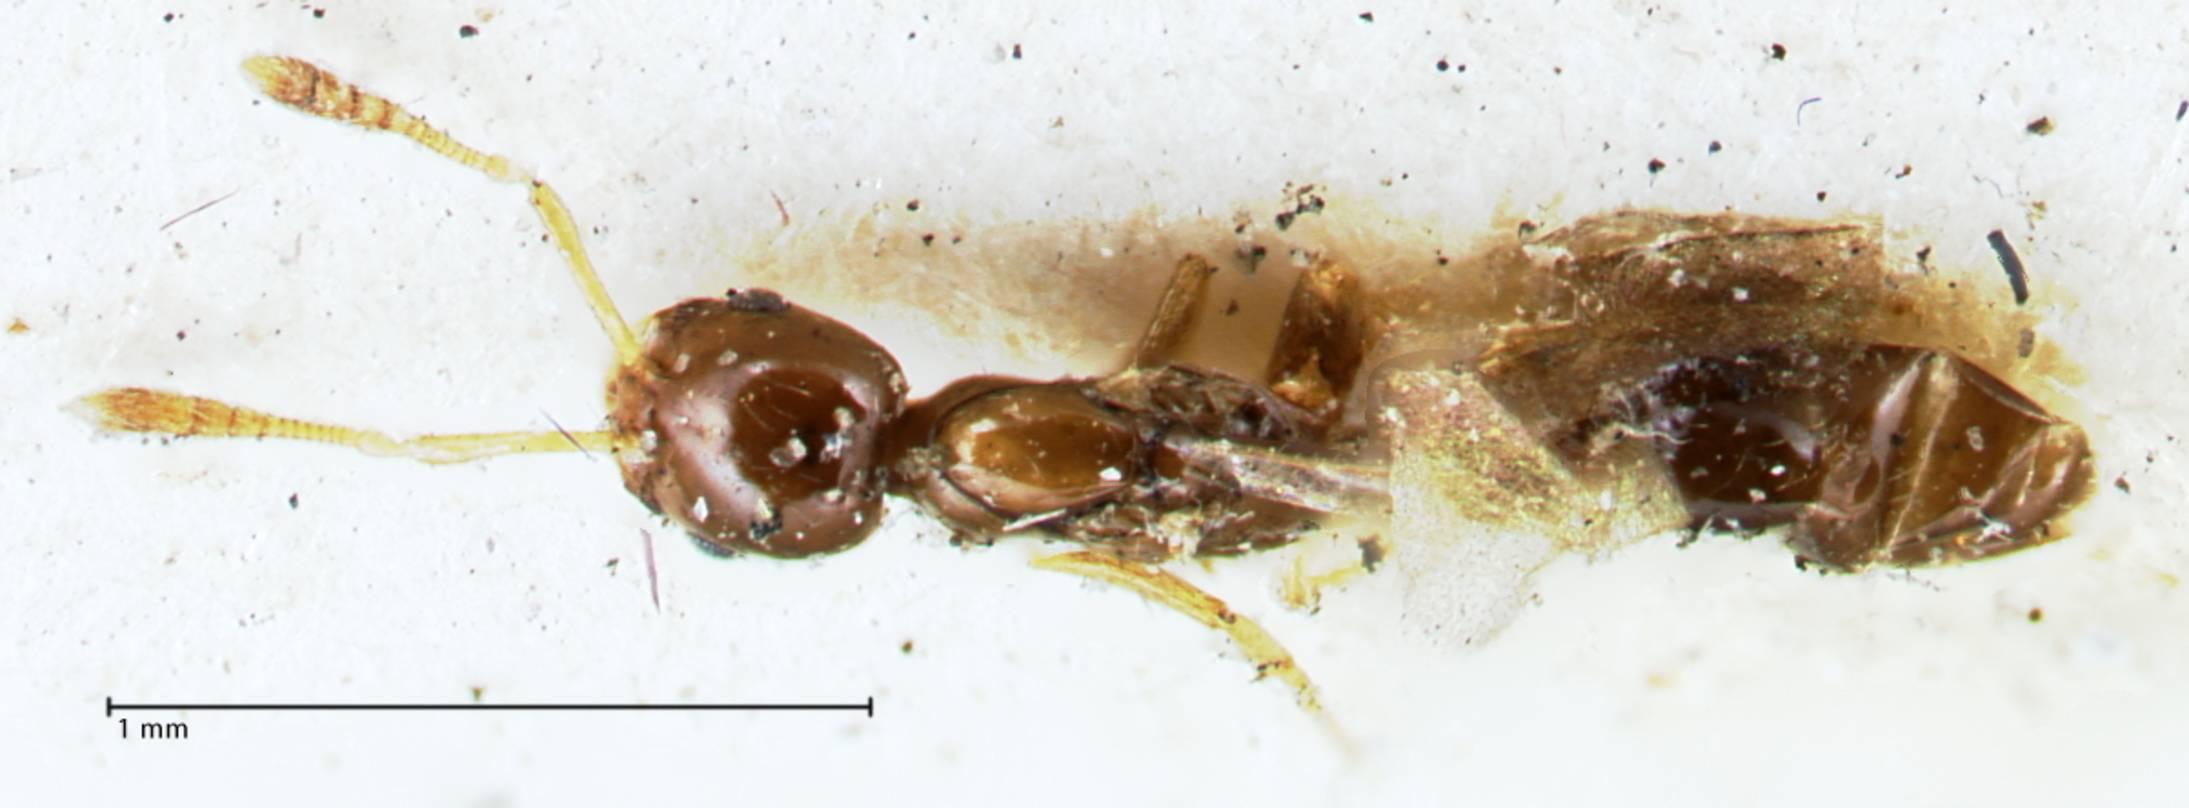 Image of Monomorium hospitum